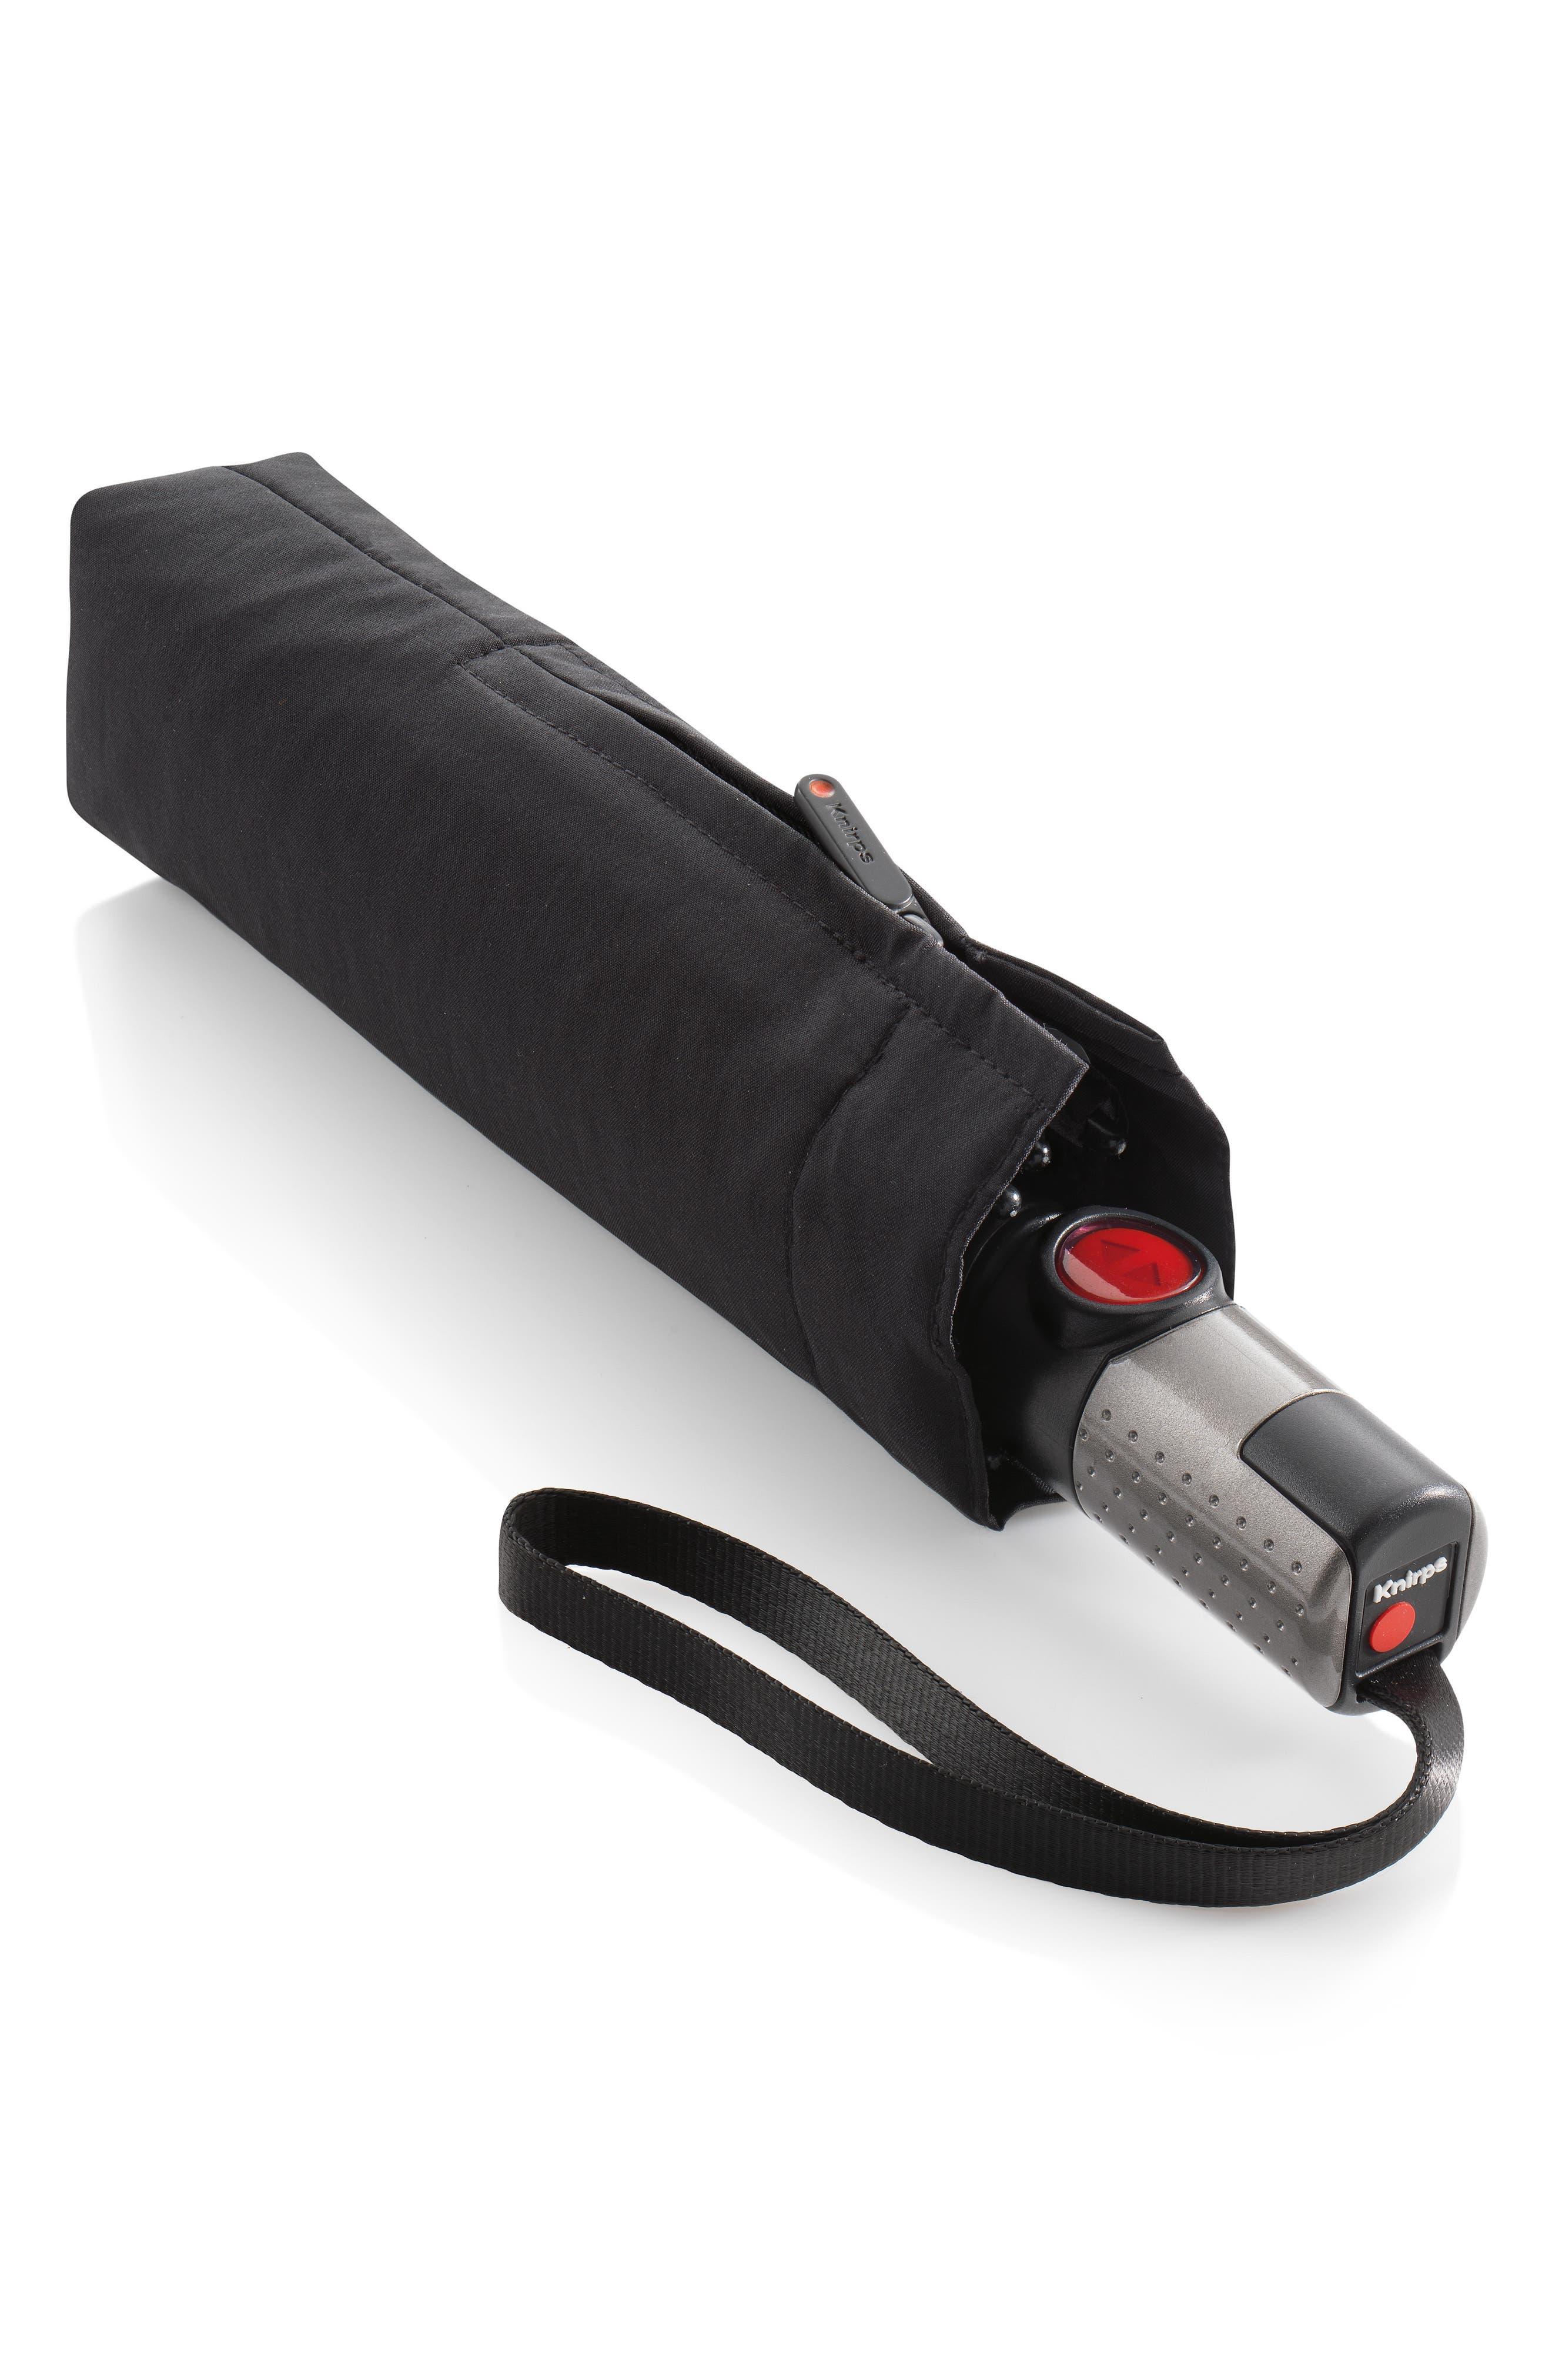 Knirps T200 Auto Open/Close Umbrella